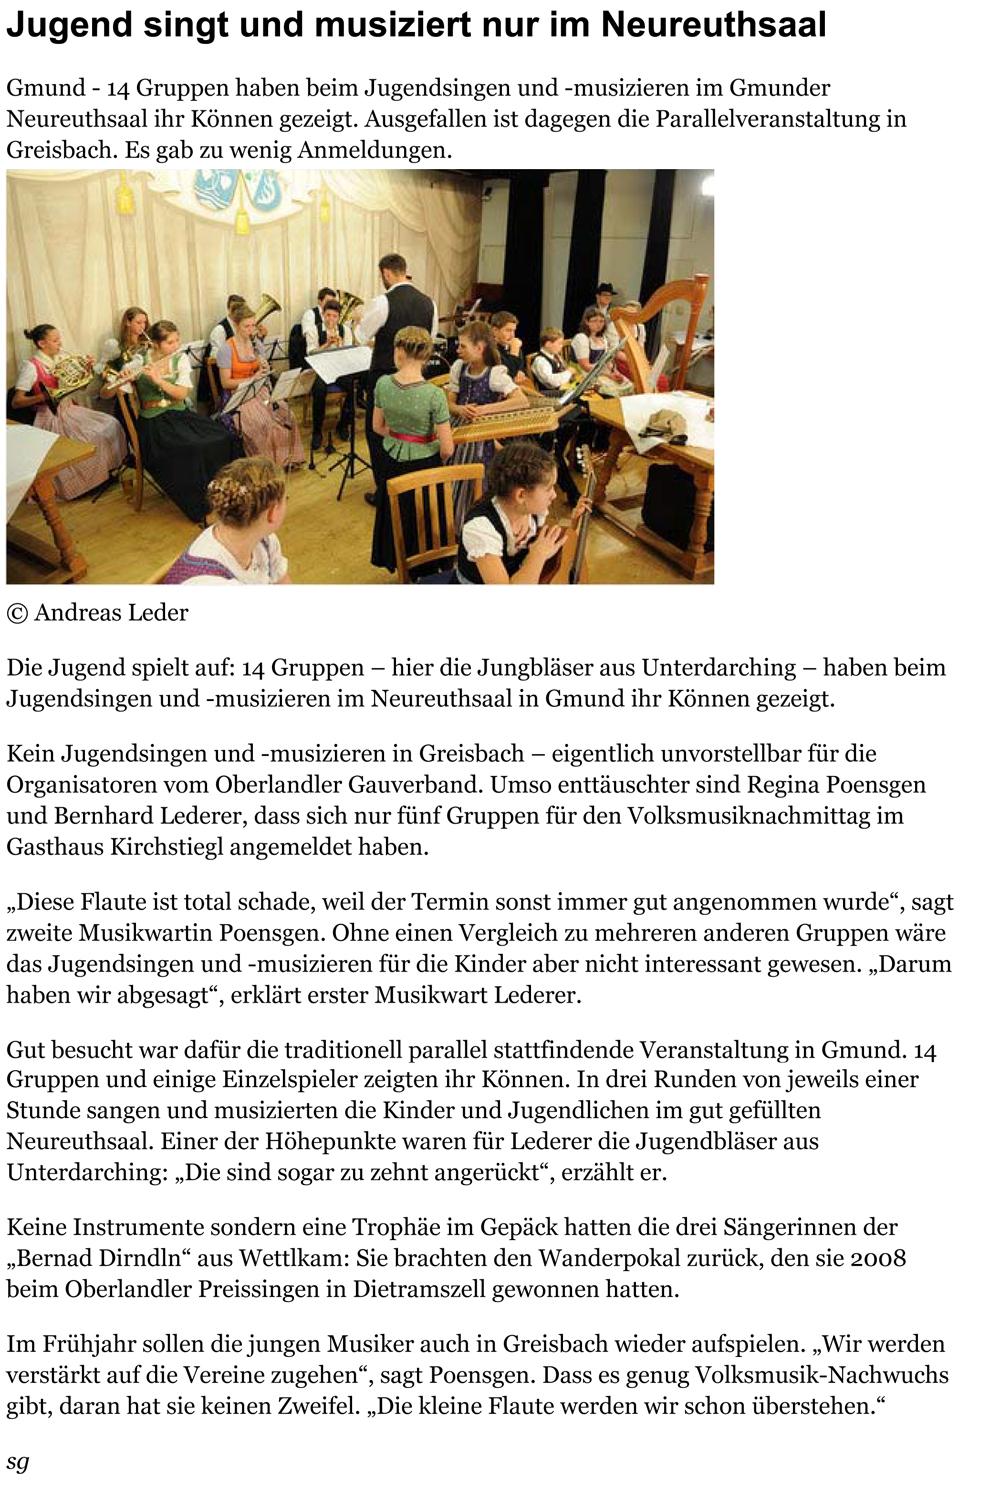 Zu wenig Anmeldungen für Greisbach: Jugend singt und musiziert n